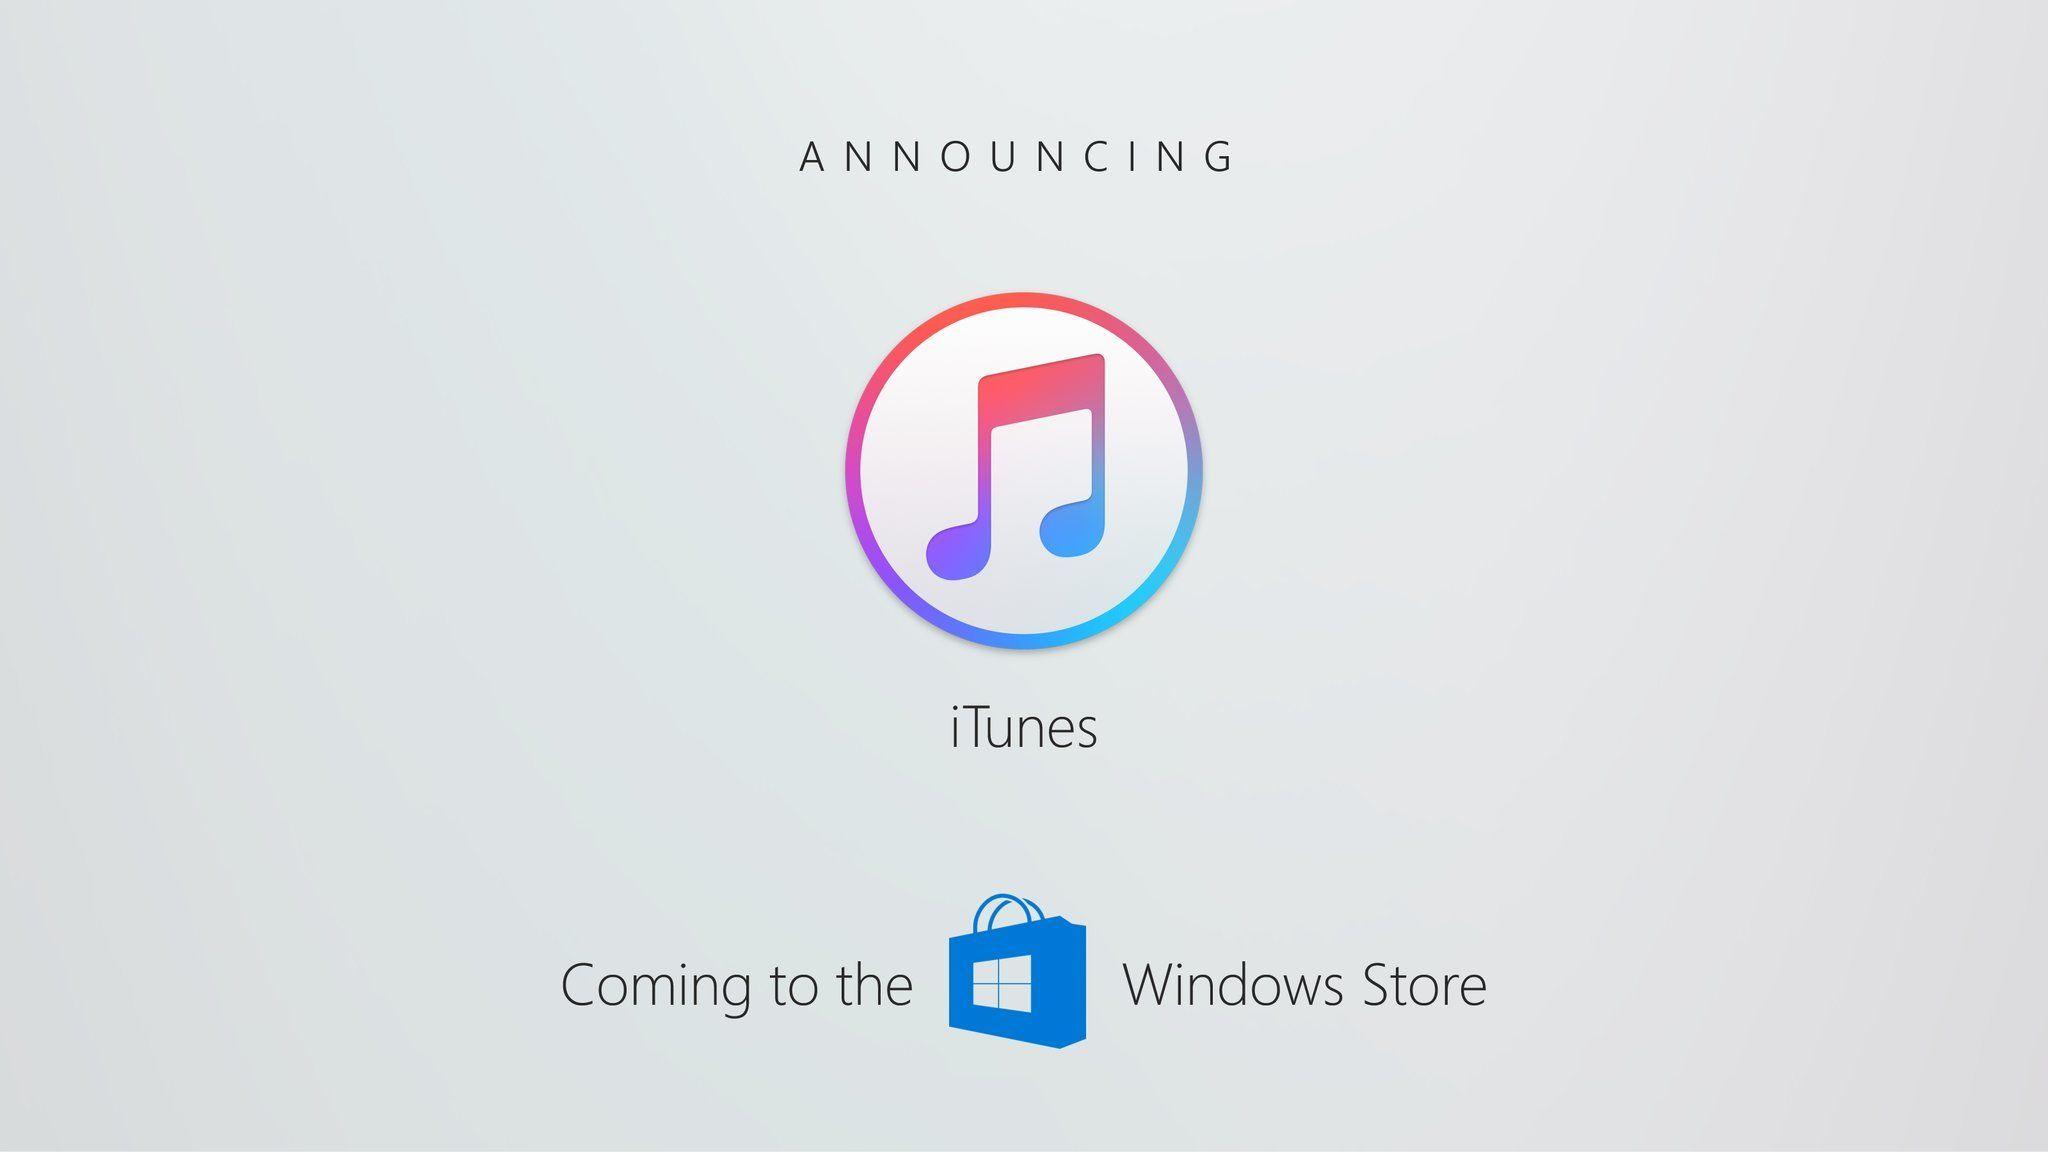 Windows 10 秋季更新看微软的野心   移动互联  第3张